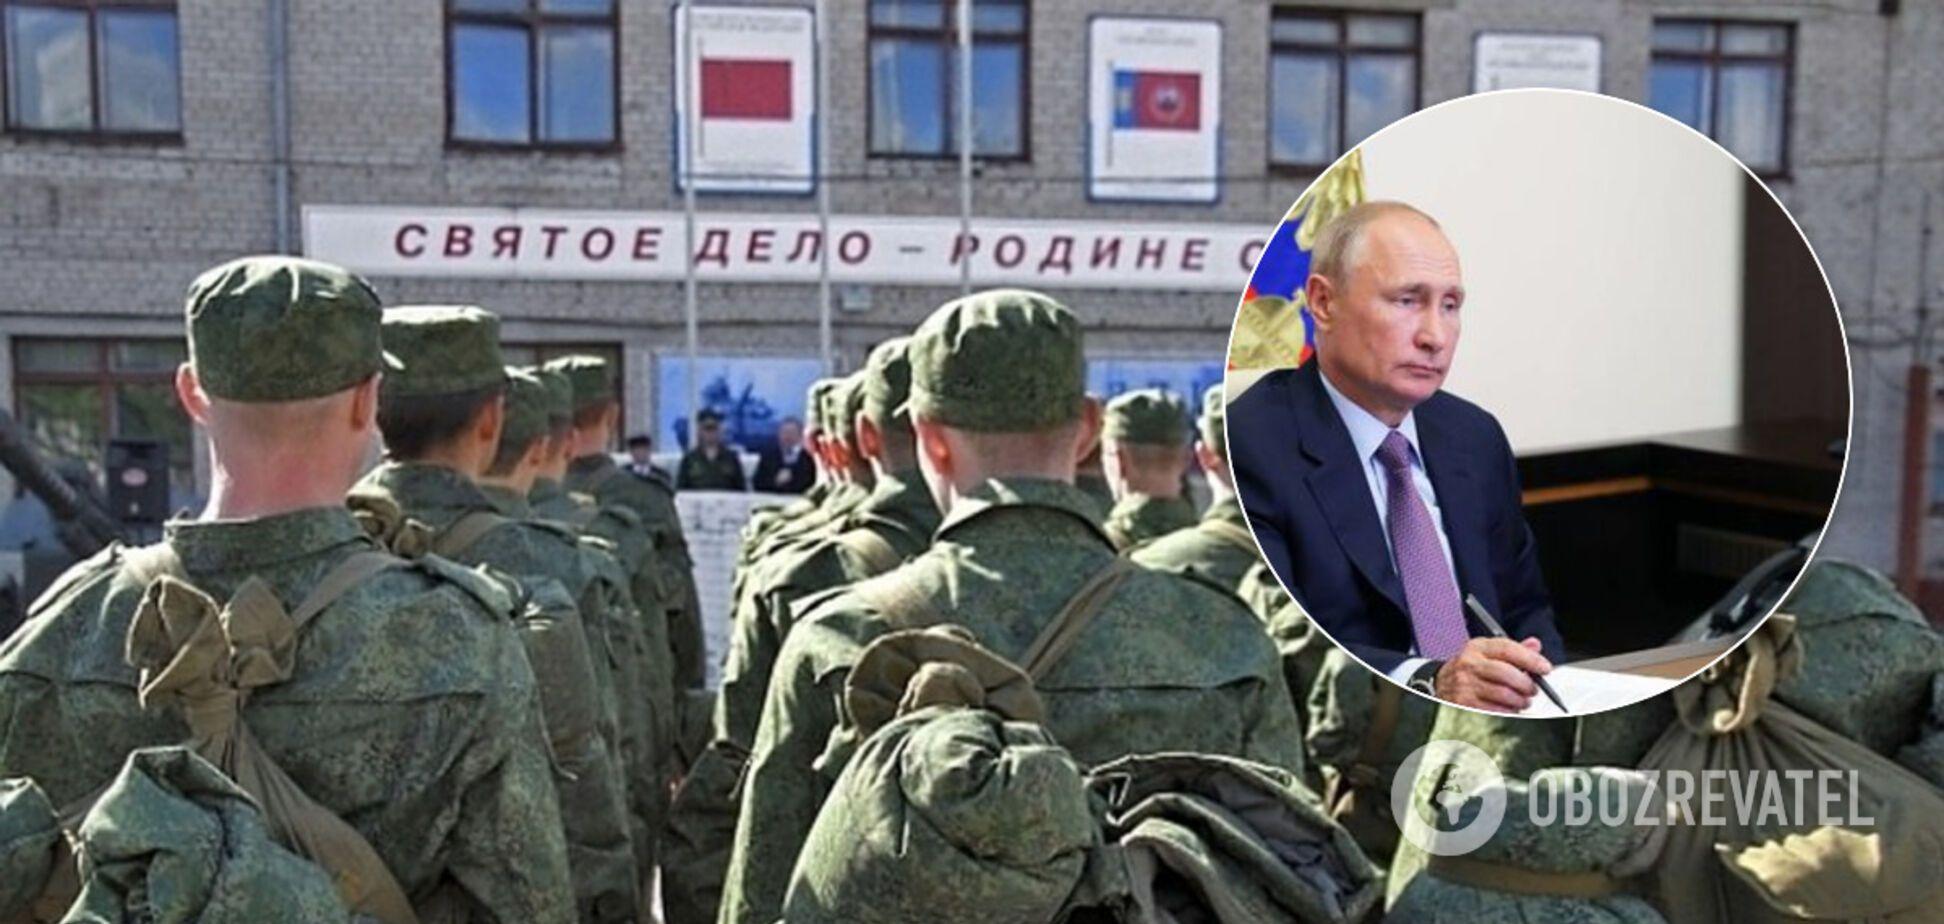 Путін може готуватися до війни з Україною, – російський політолог